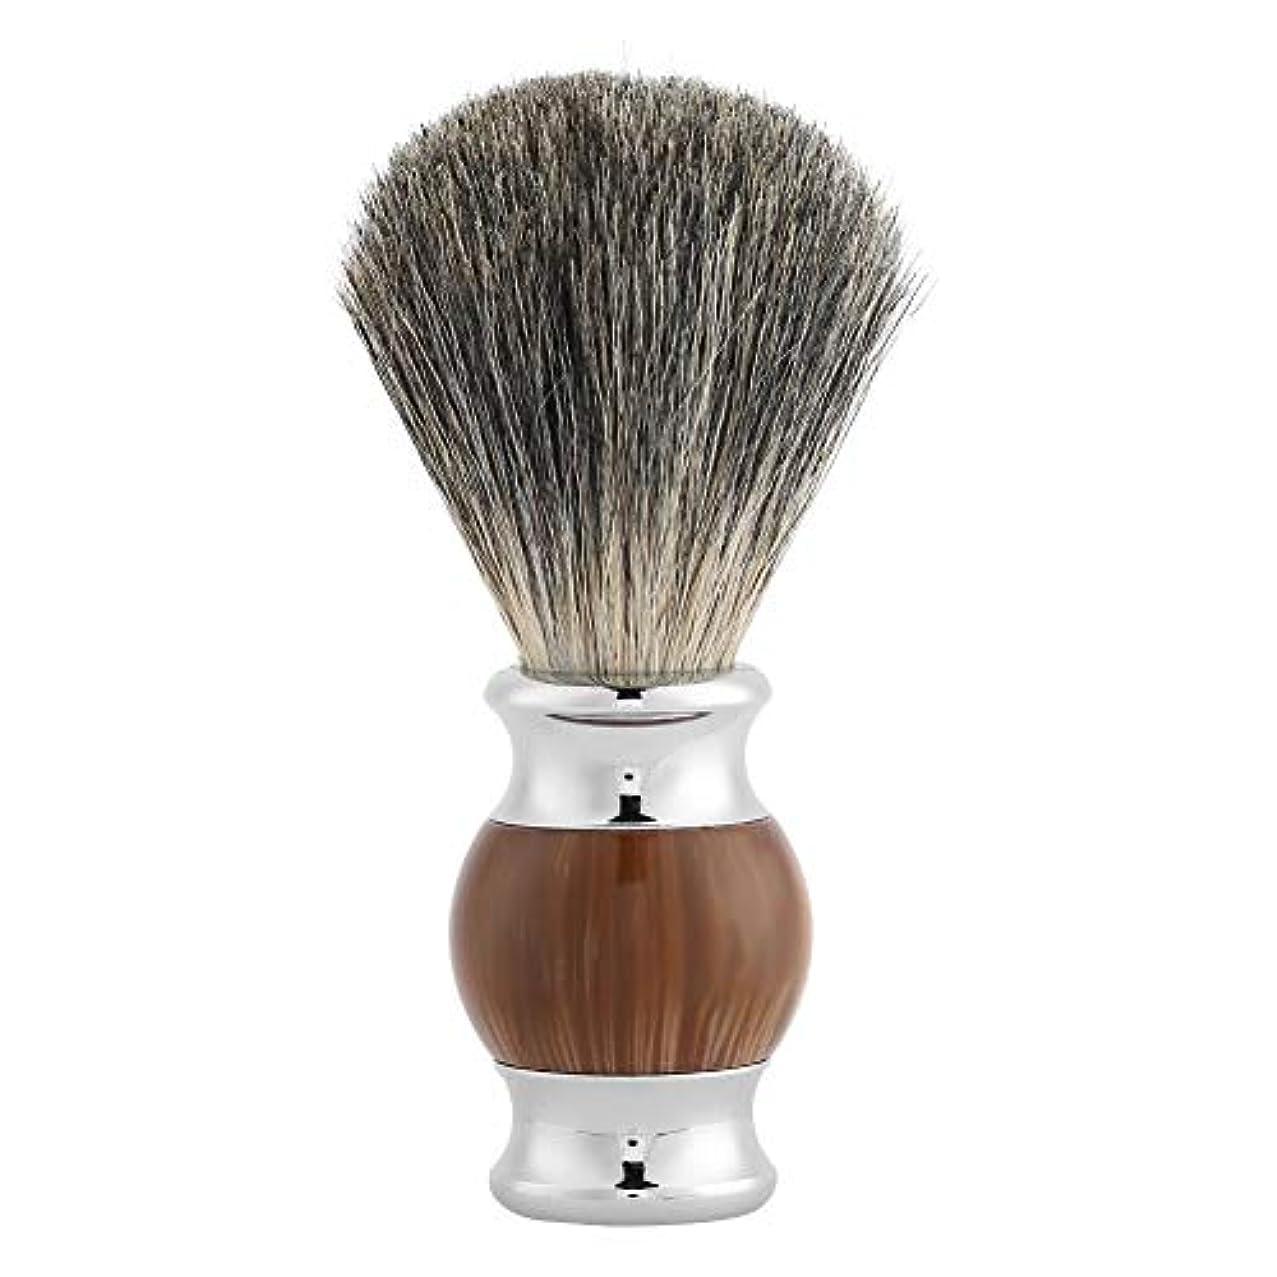 故障中八百屋さん敵意3色のひげのブラシ、高品質のハンドルが付いている剃るクリーニングブラシ携帯用サイズおよび軽量大広間の使用のために適した家の使用および旅行使用(瑪瑙カラー)